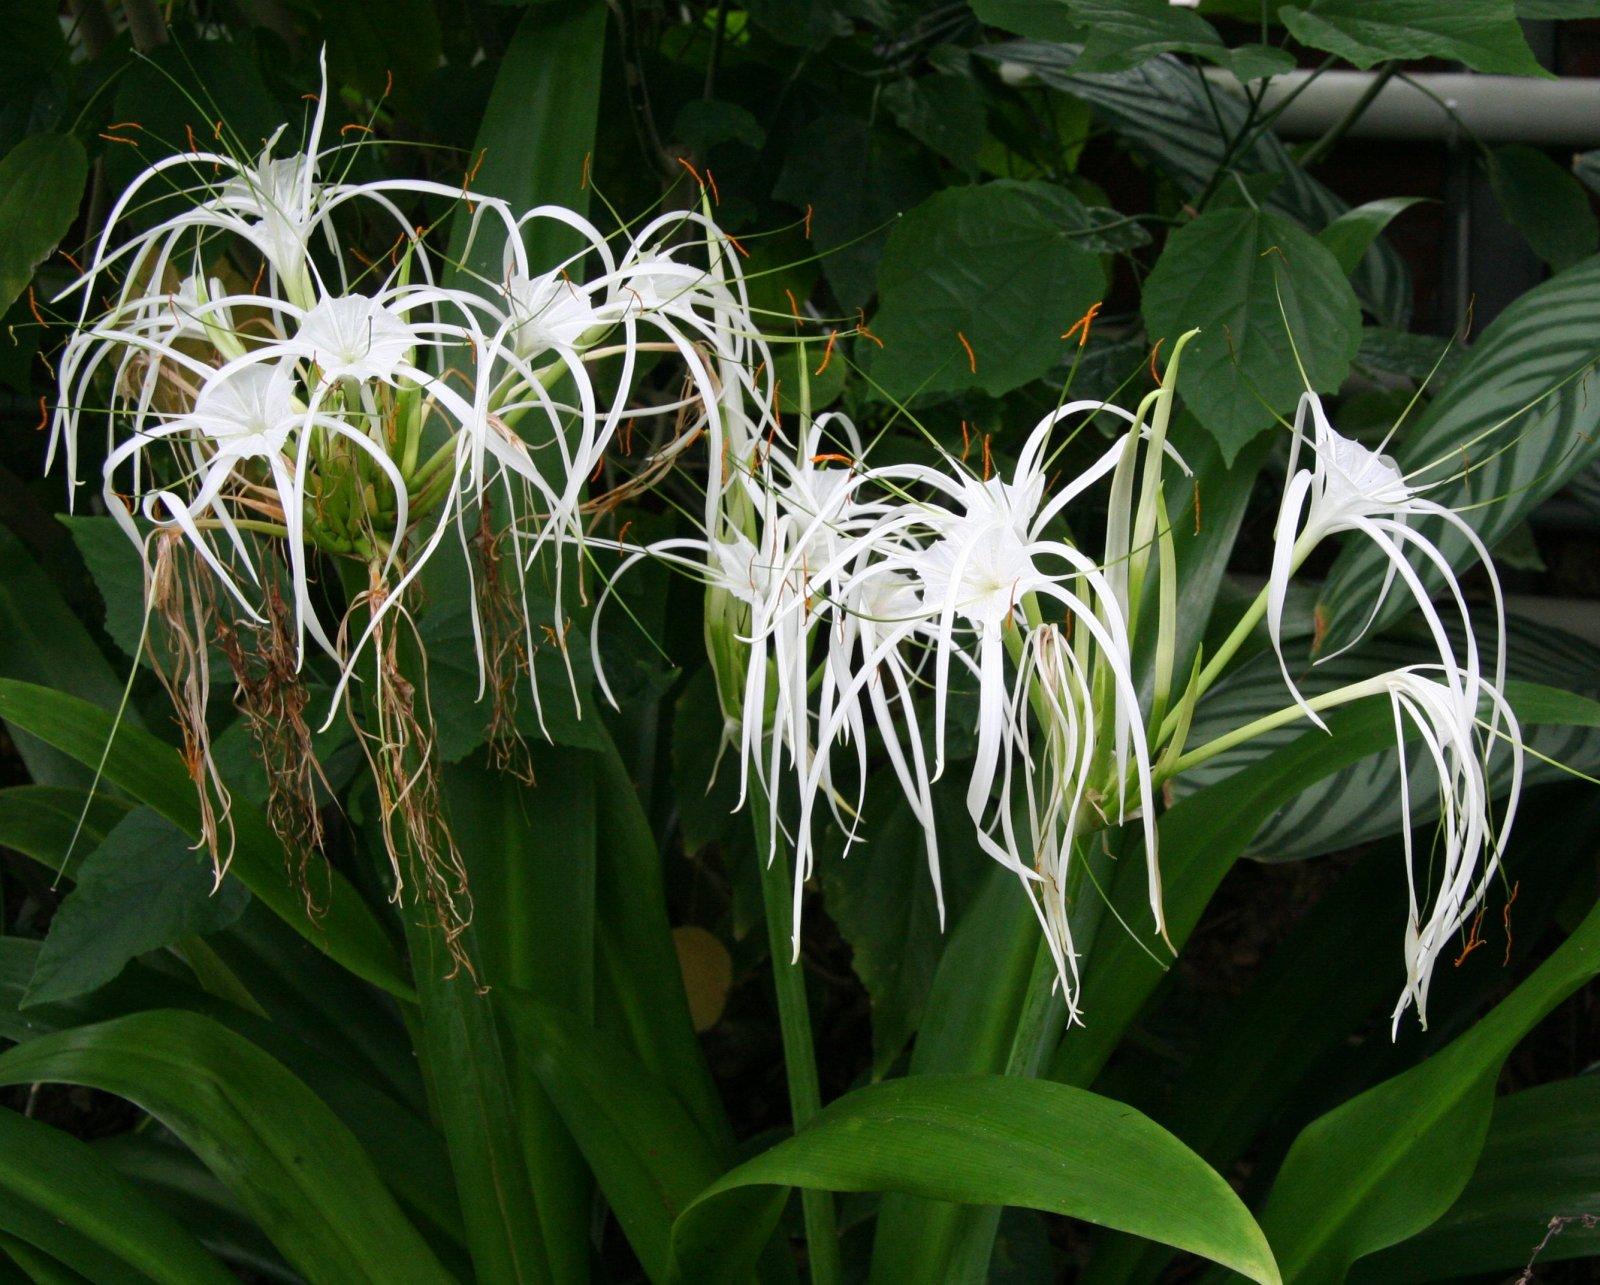 Садовые луковичные цветы: фото, названия растений